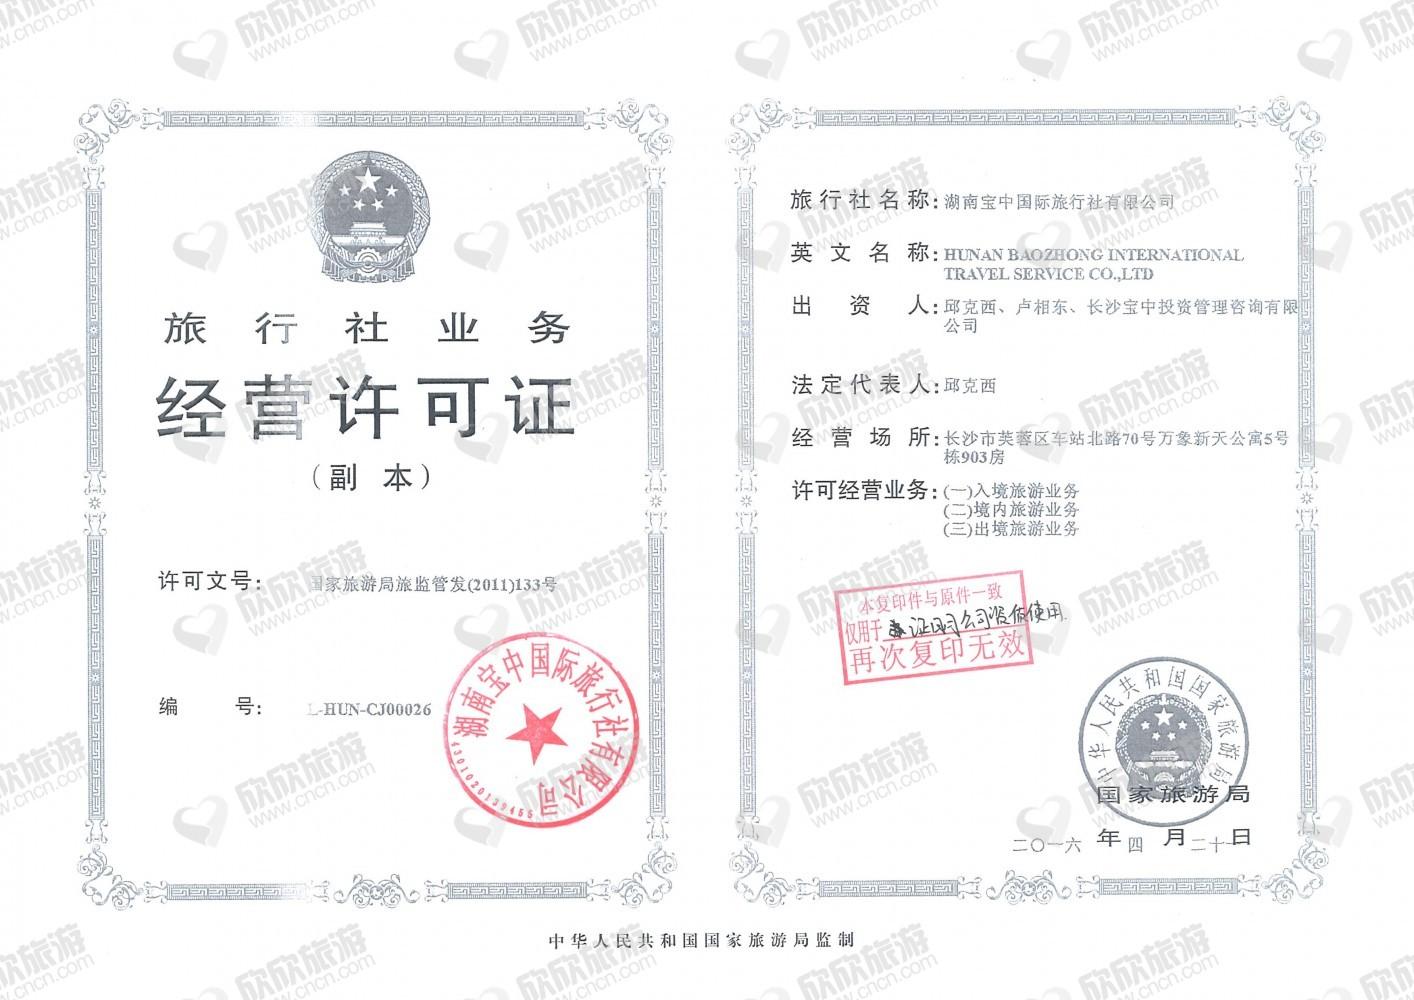 湖南宝中国际旅行社有限公司竹塘西路营业部经营许可证